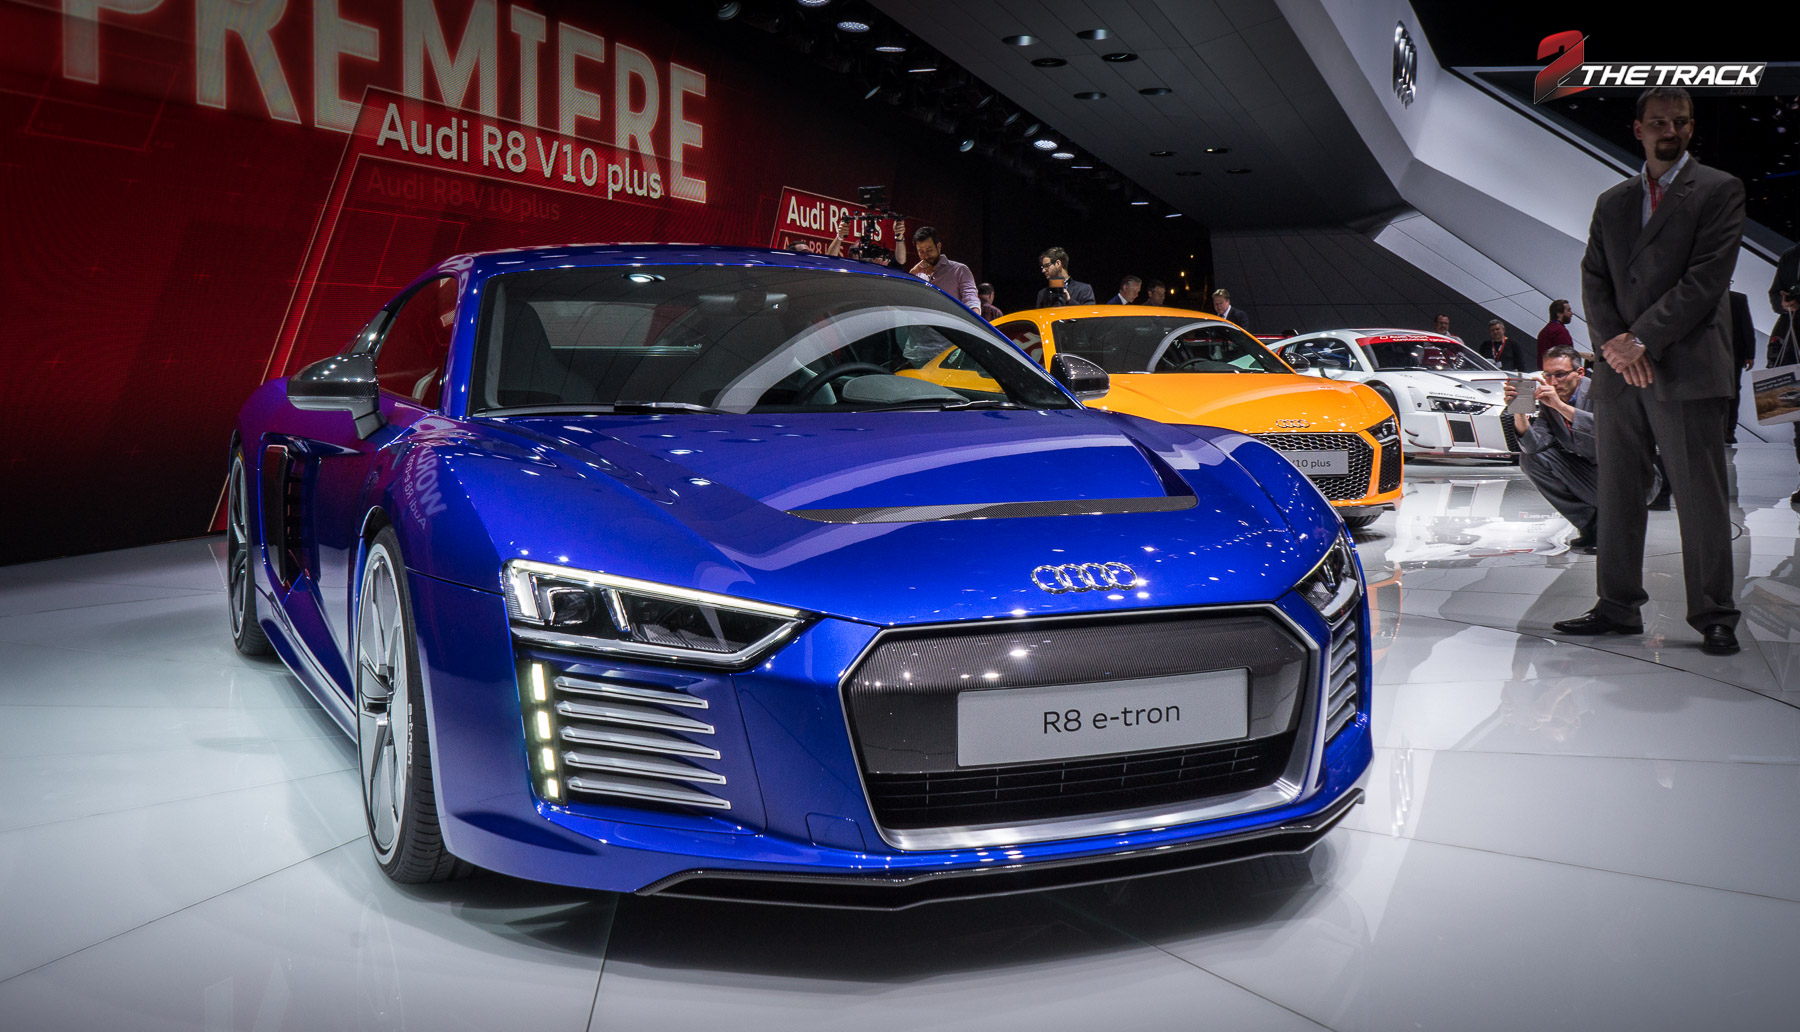 Audi R8 V10 e-tron Geneva Motor Show 2015-1